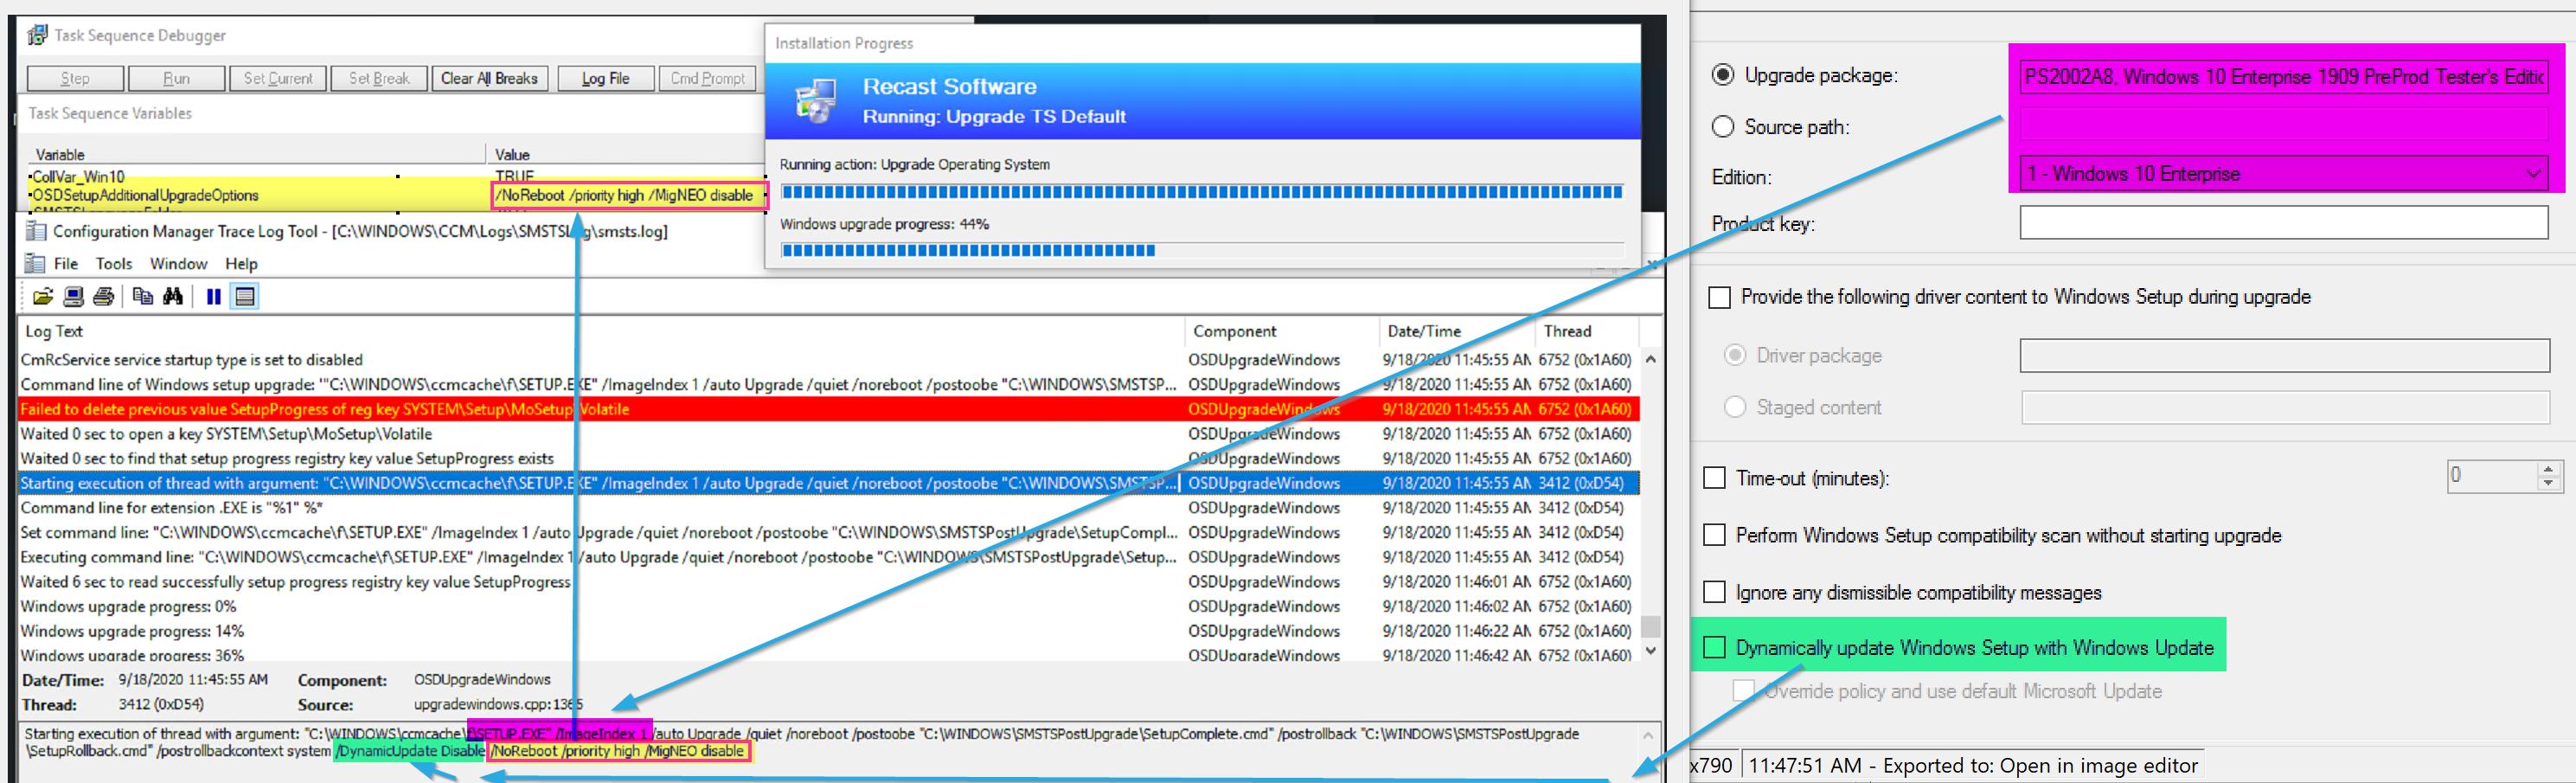 Upgrade OS Image 5